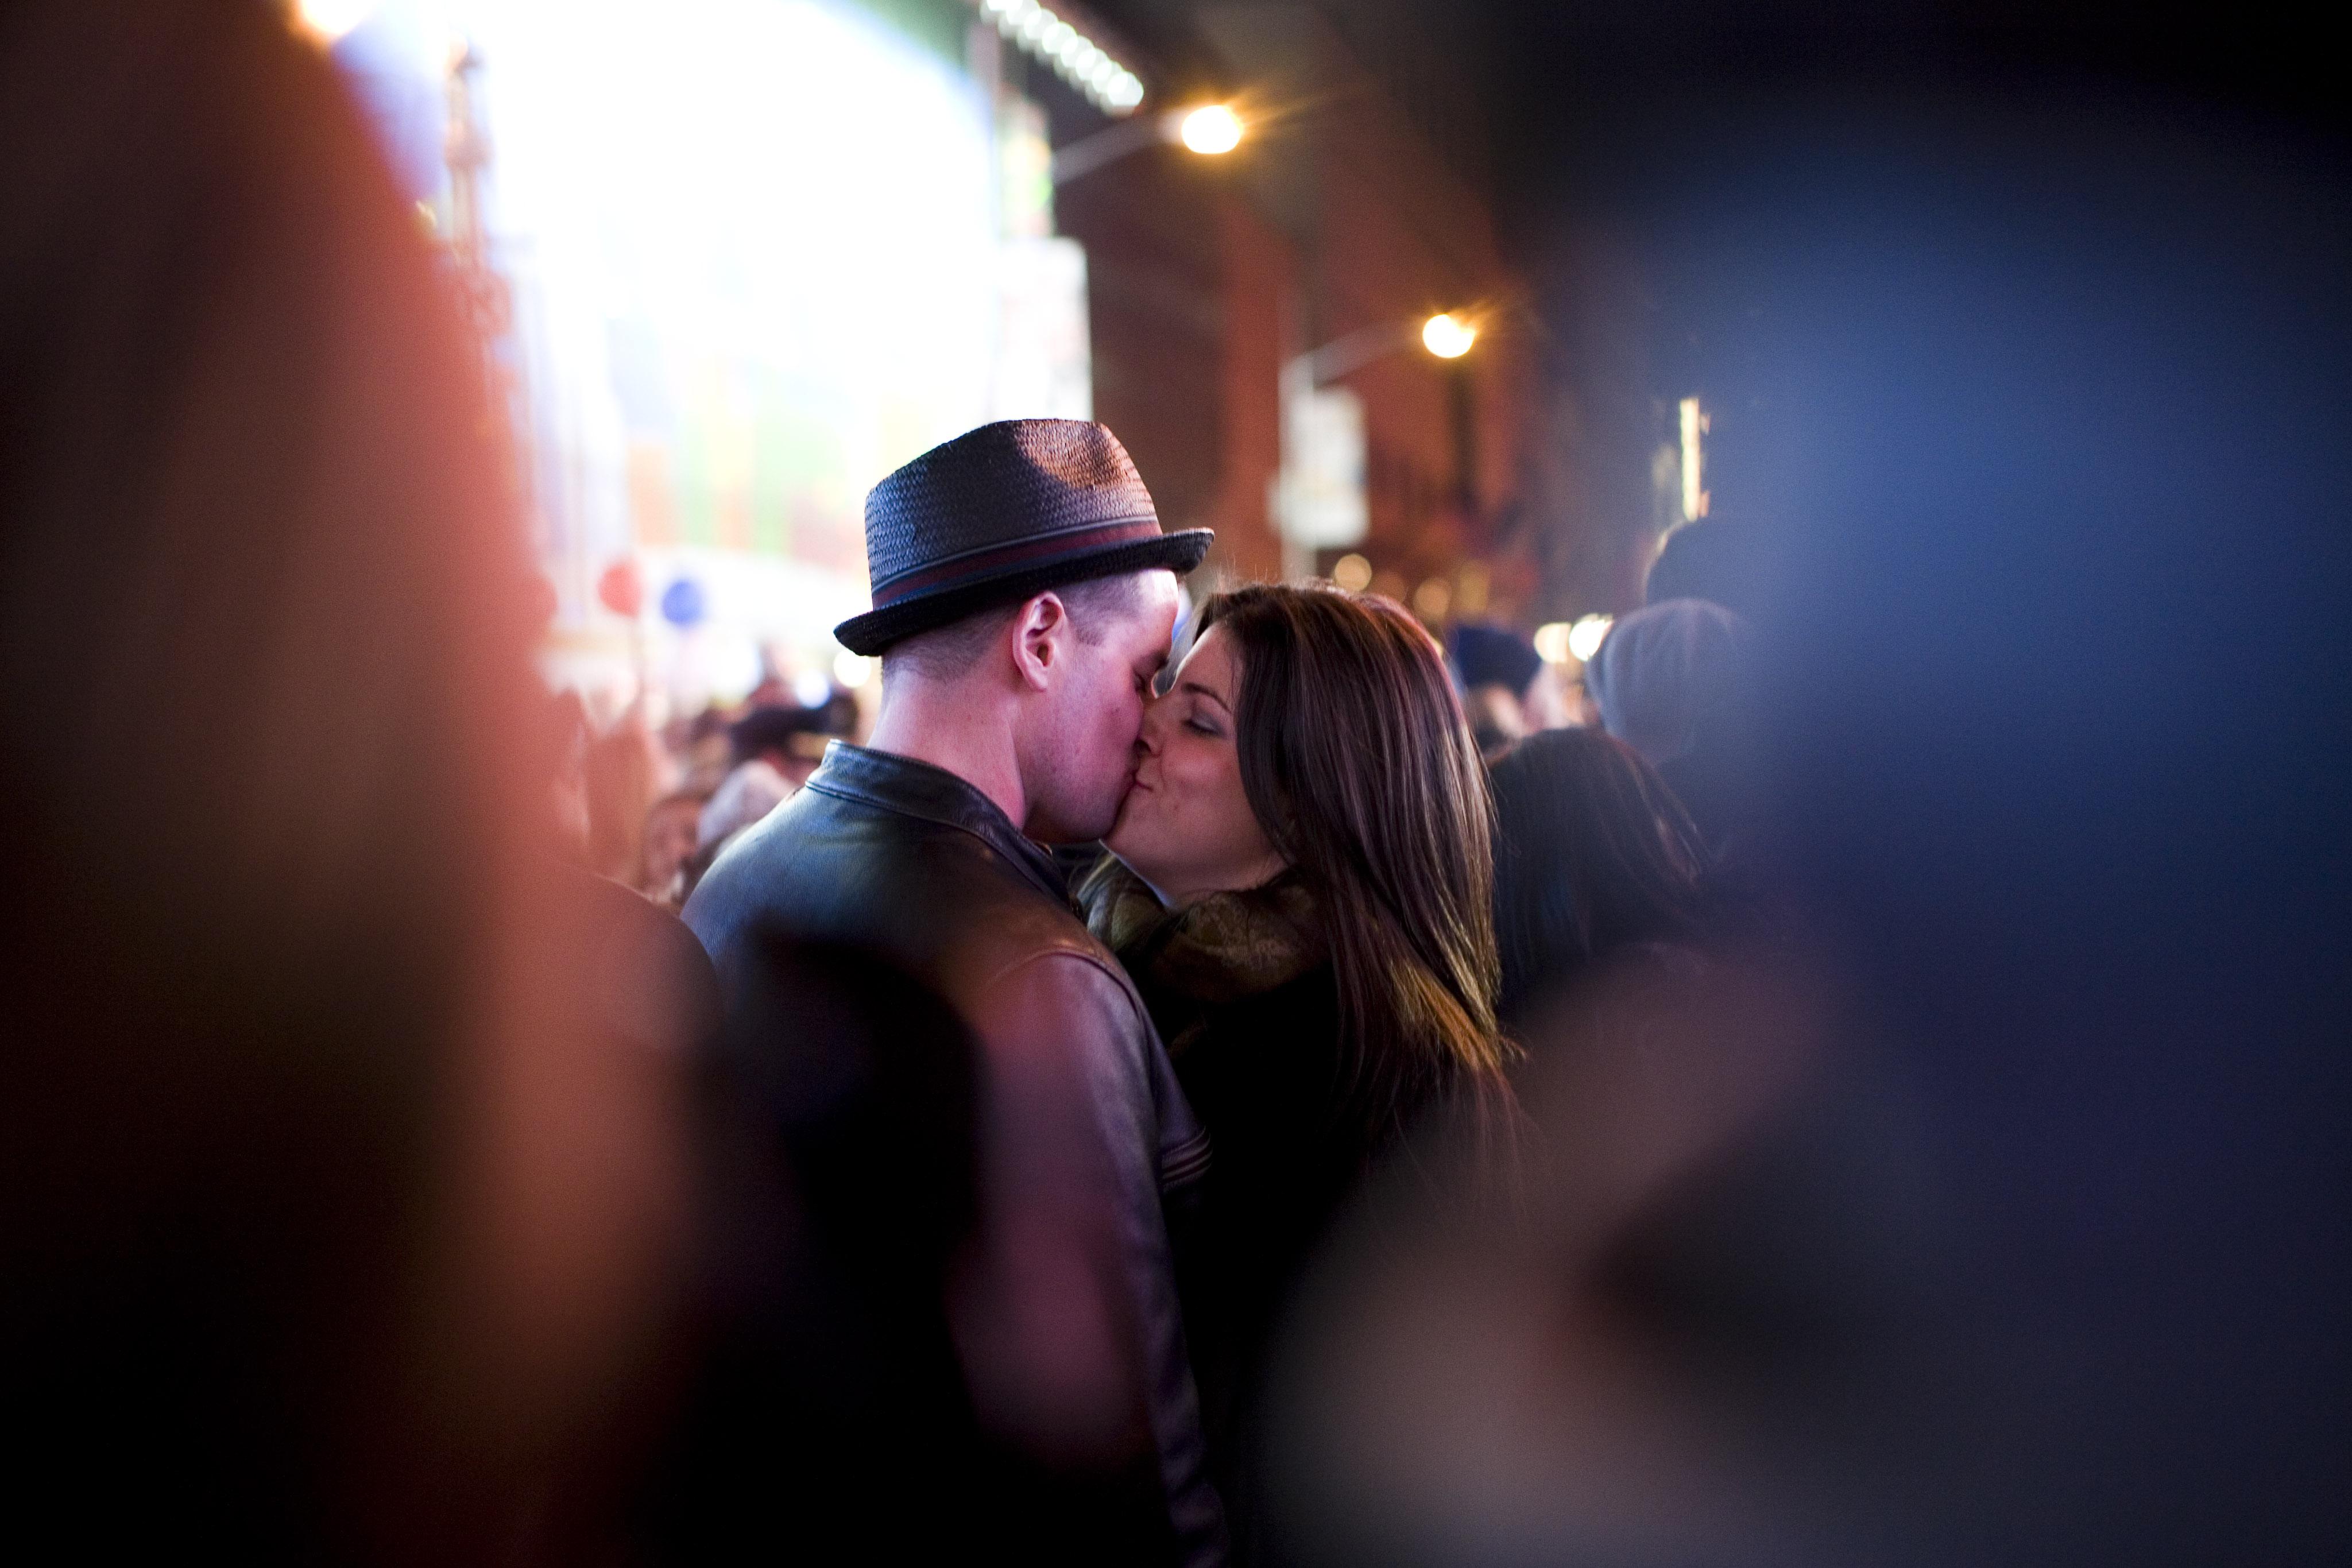 articoli per il sesso trova anima gemella